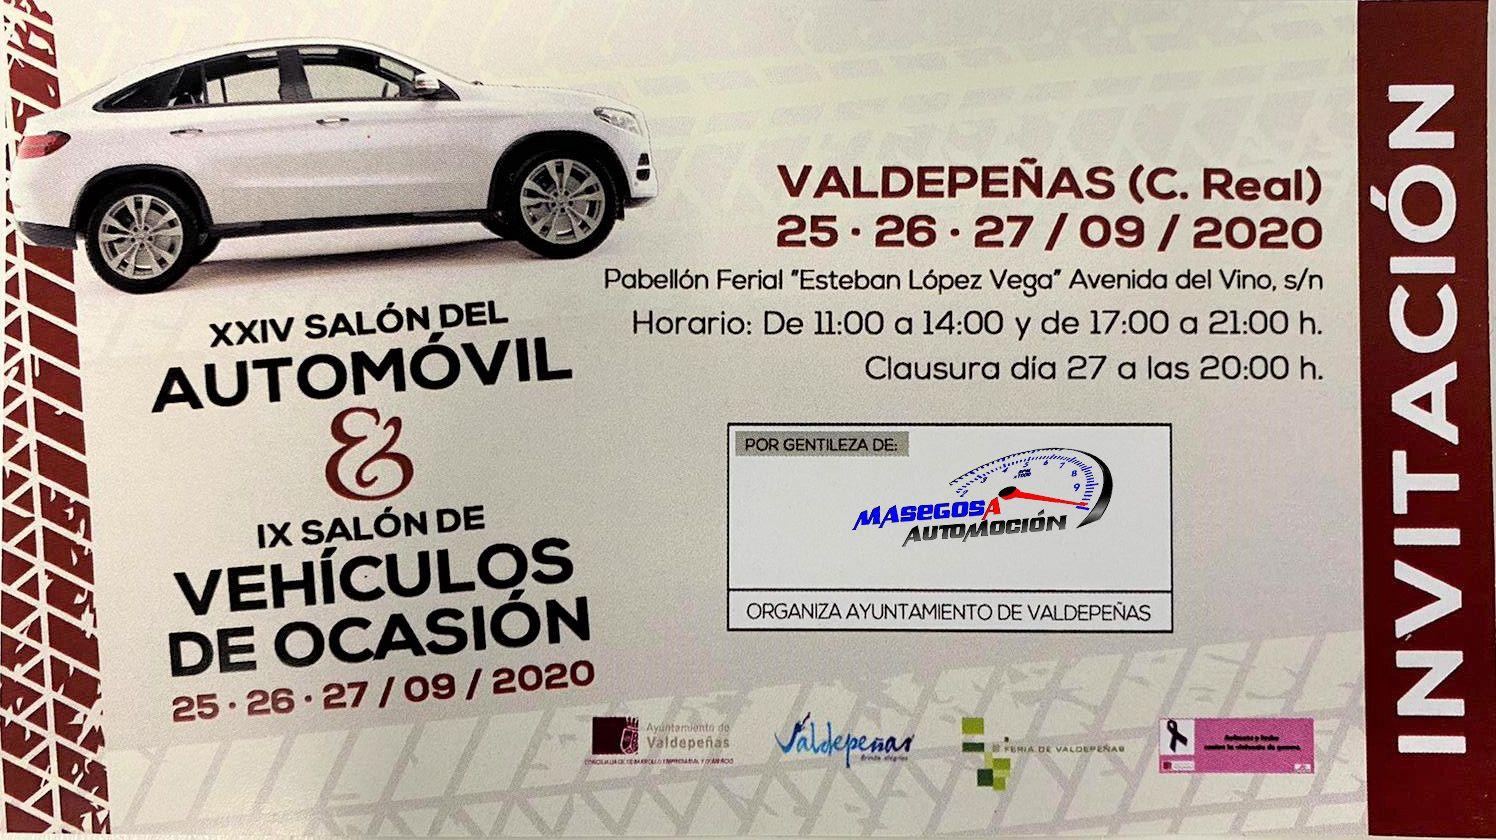 Xxiv Salon Del Automovil Ix Salon De Vehiculos De Ocasion 25 26 27 Septiembre Si Las Circunstancias Nos Lo Permiten Al Vehiculos Automocion Automoviles